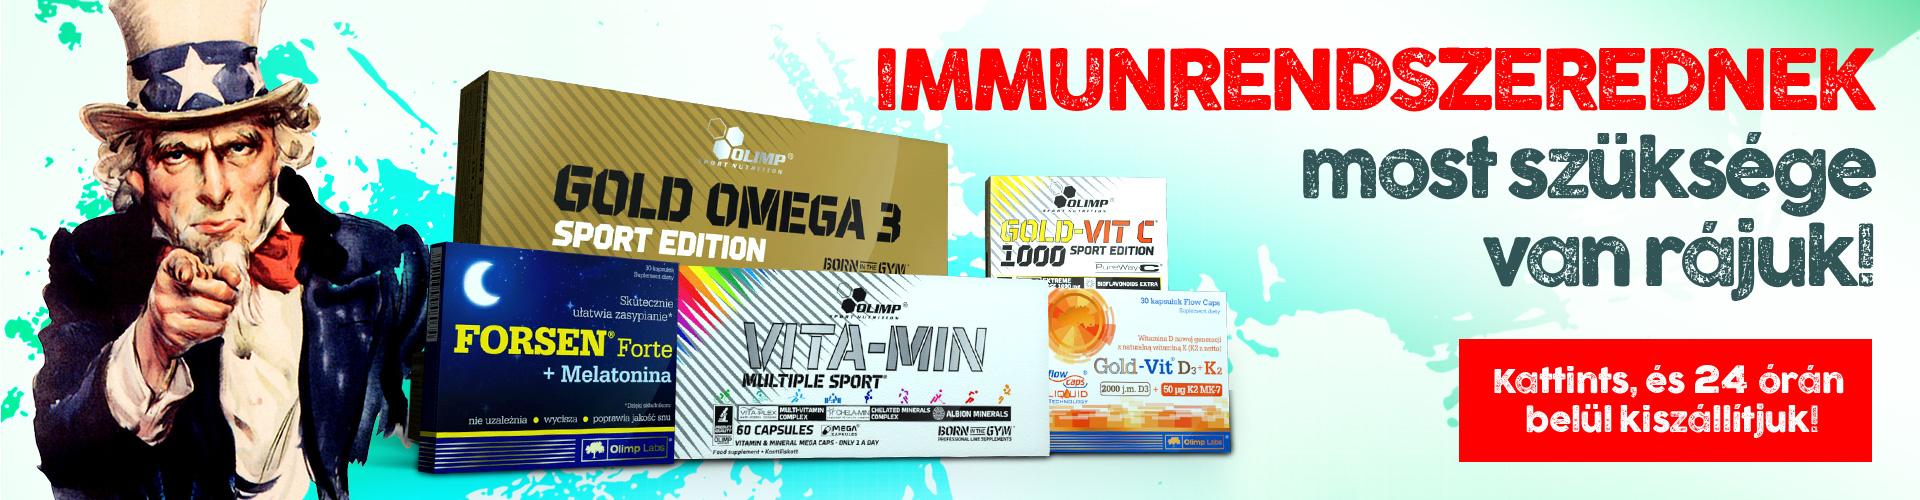 Immunrendszer kapitány harcban áll! – 7 tipp, hogyan tudod segíteni